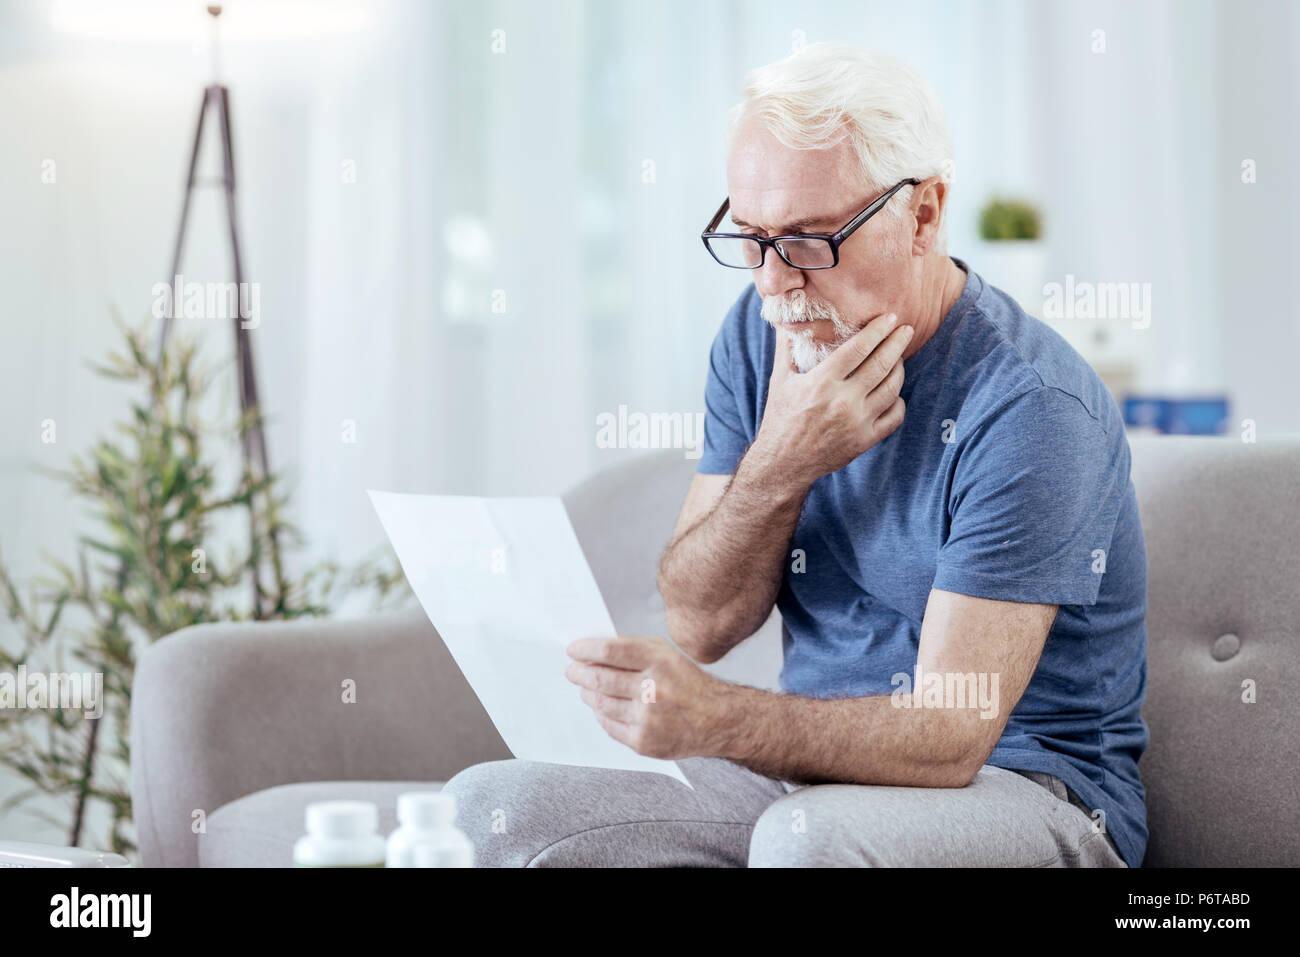 Malinconici senior uomo studiando istruzione Immagini Stock